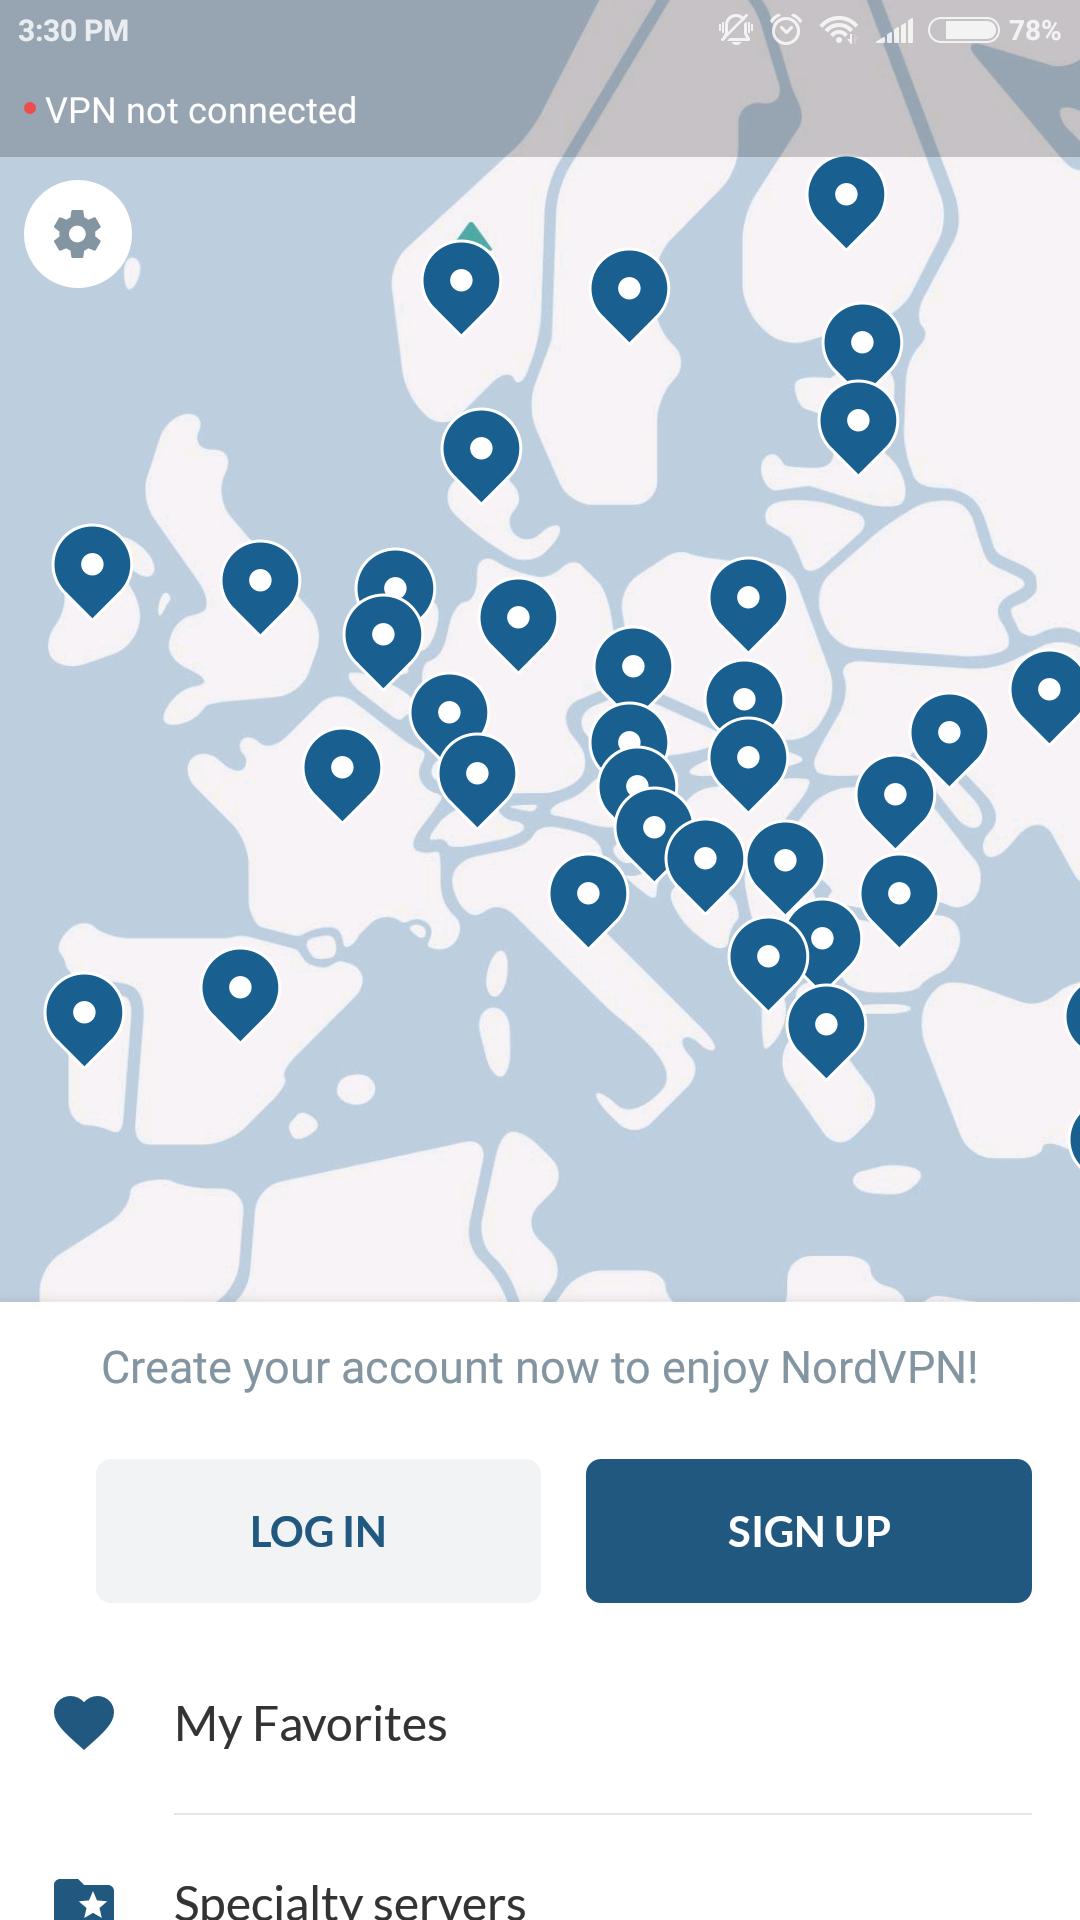 It's so easy to start using NordVPN!